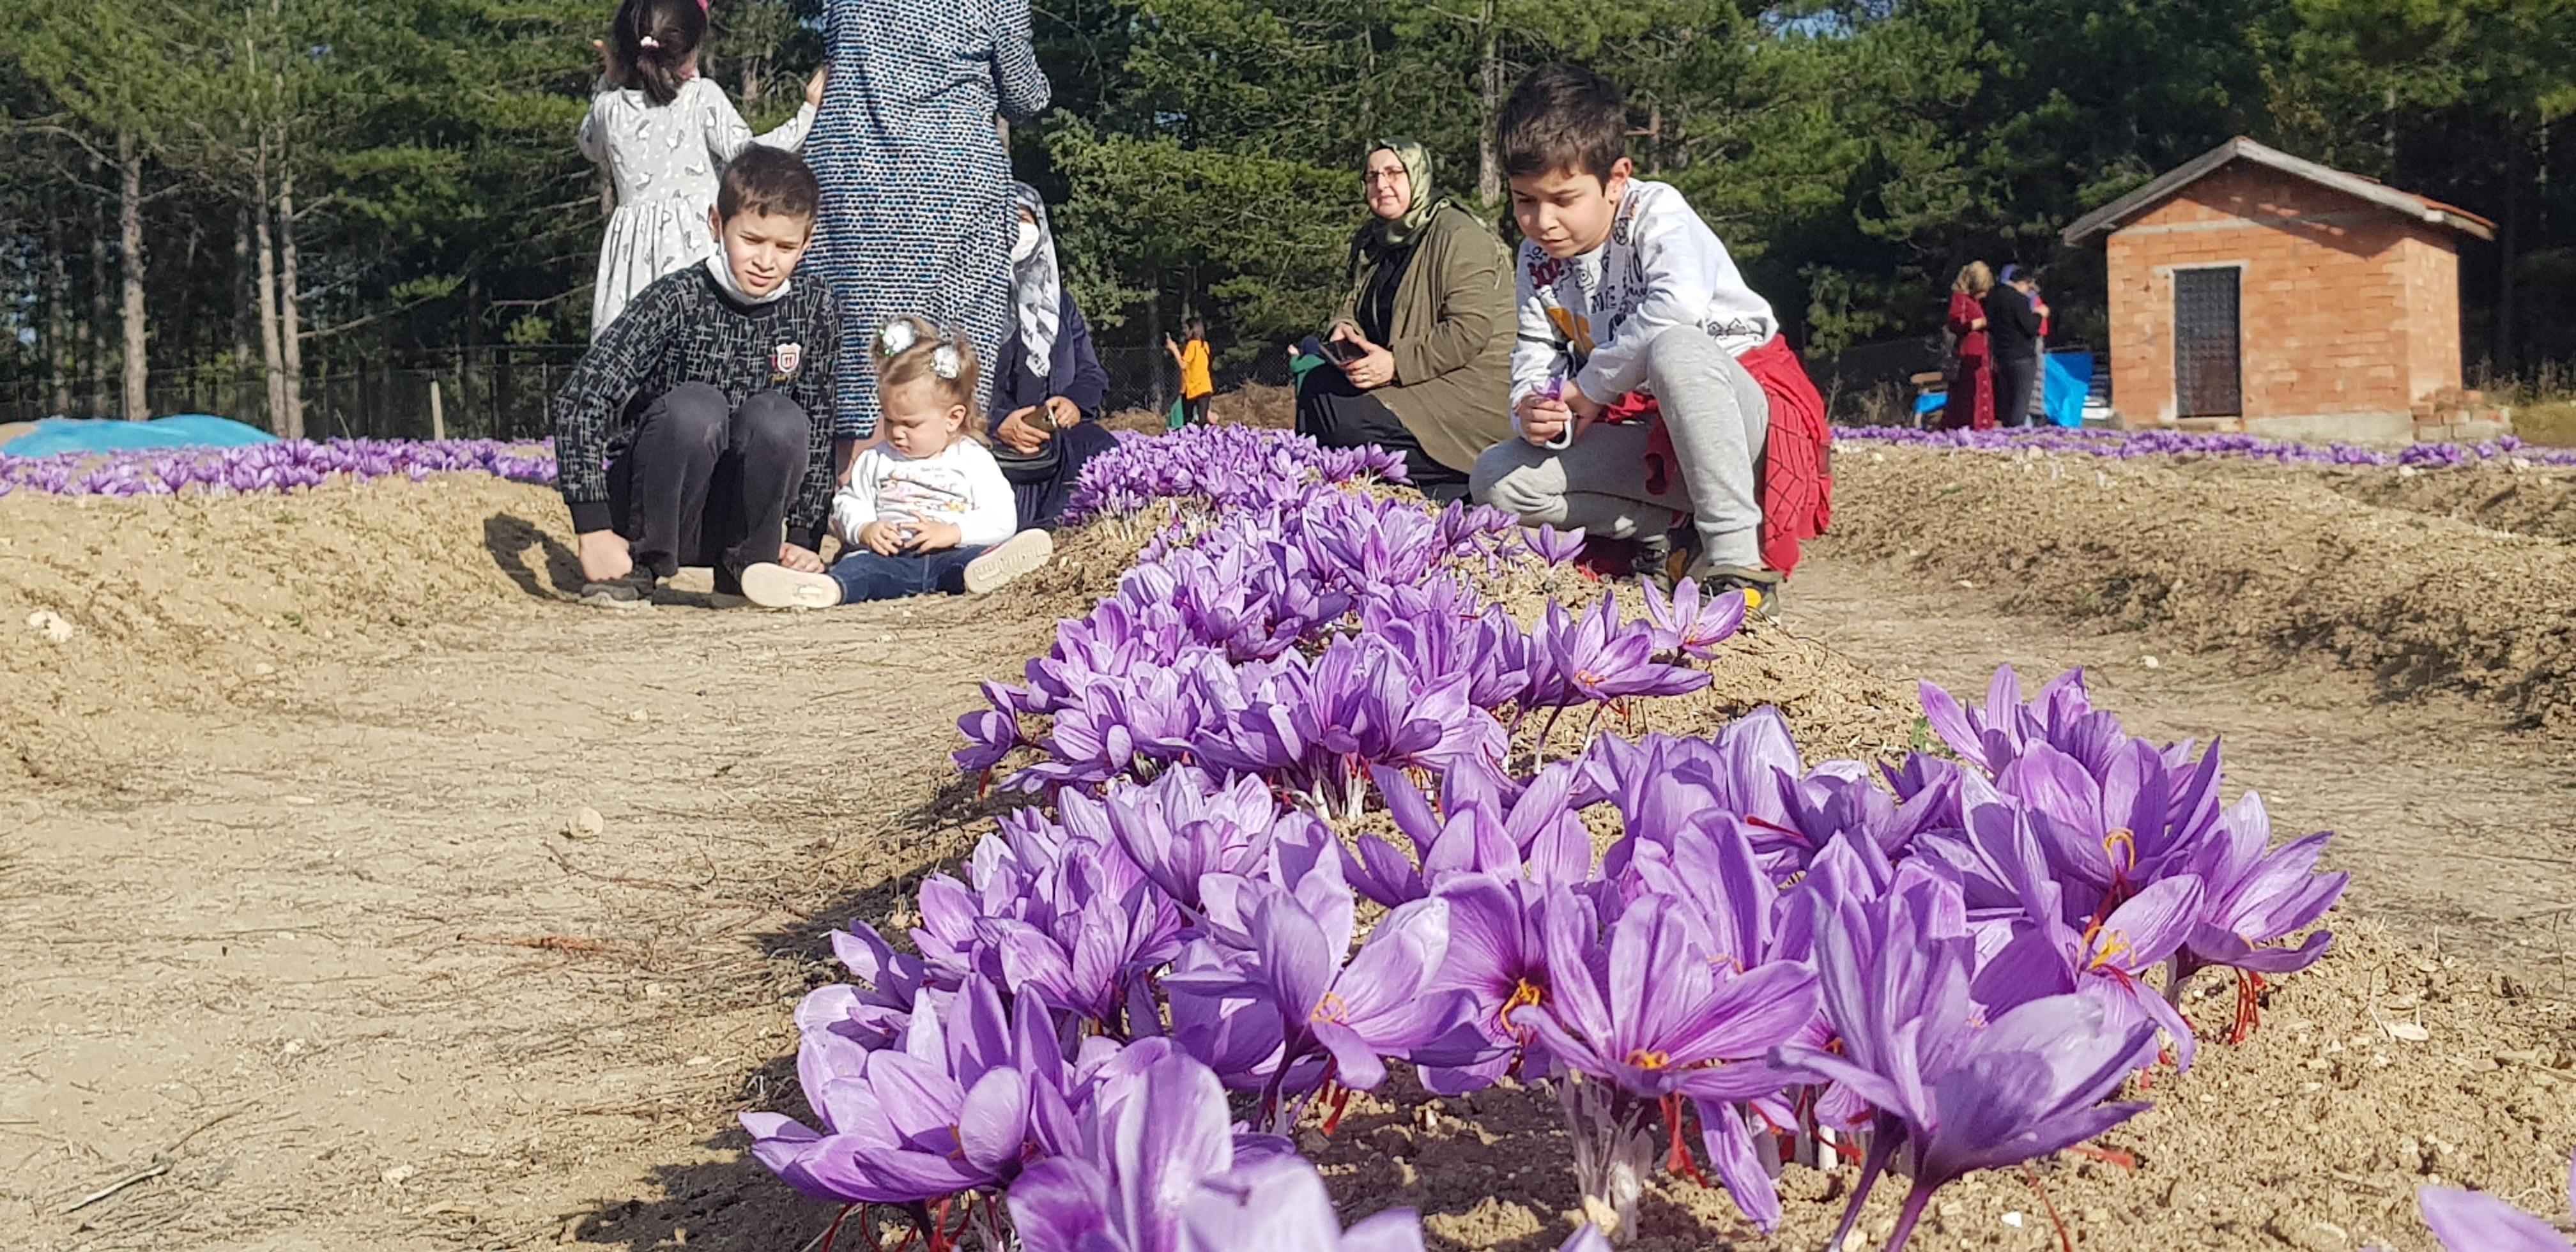 Karabük'ün Safranbolu ilçesiyle özdeşleşen safran bitkisi tarlaları, ziyaretçilerin akınına uğradı